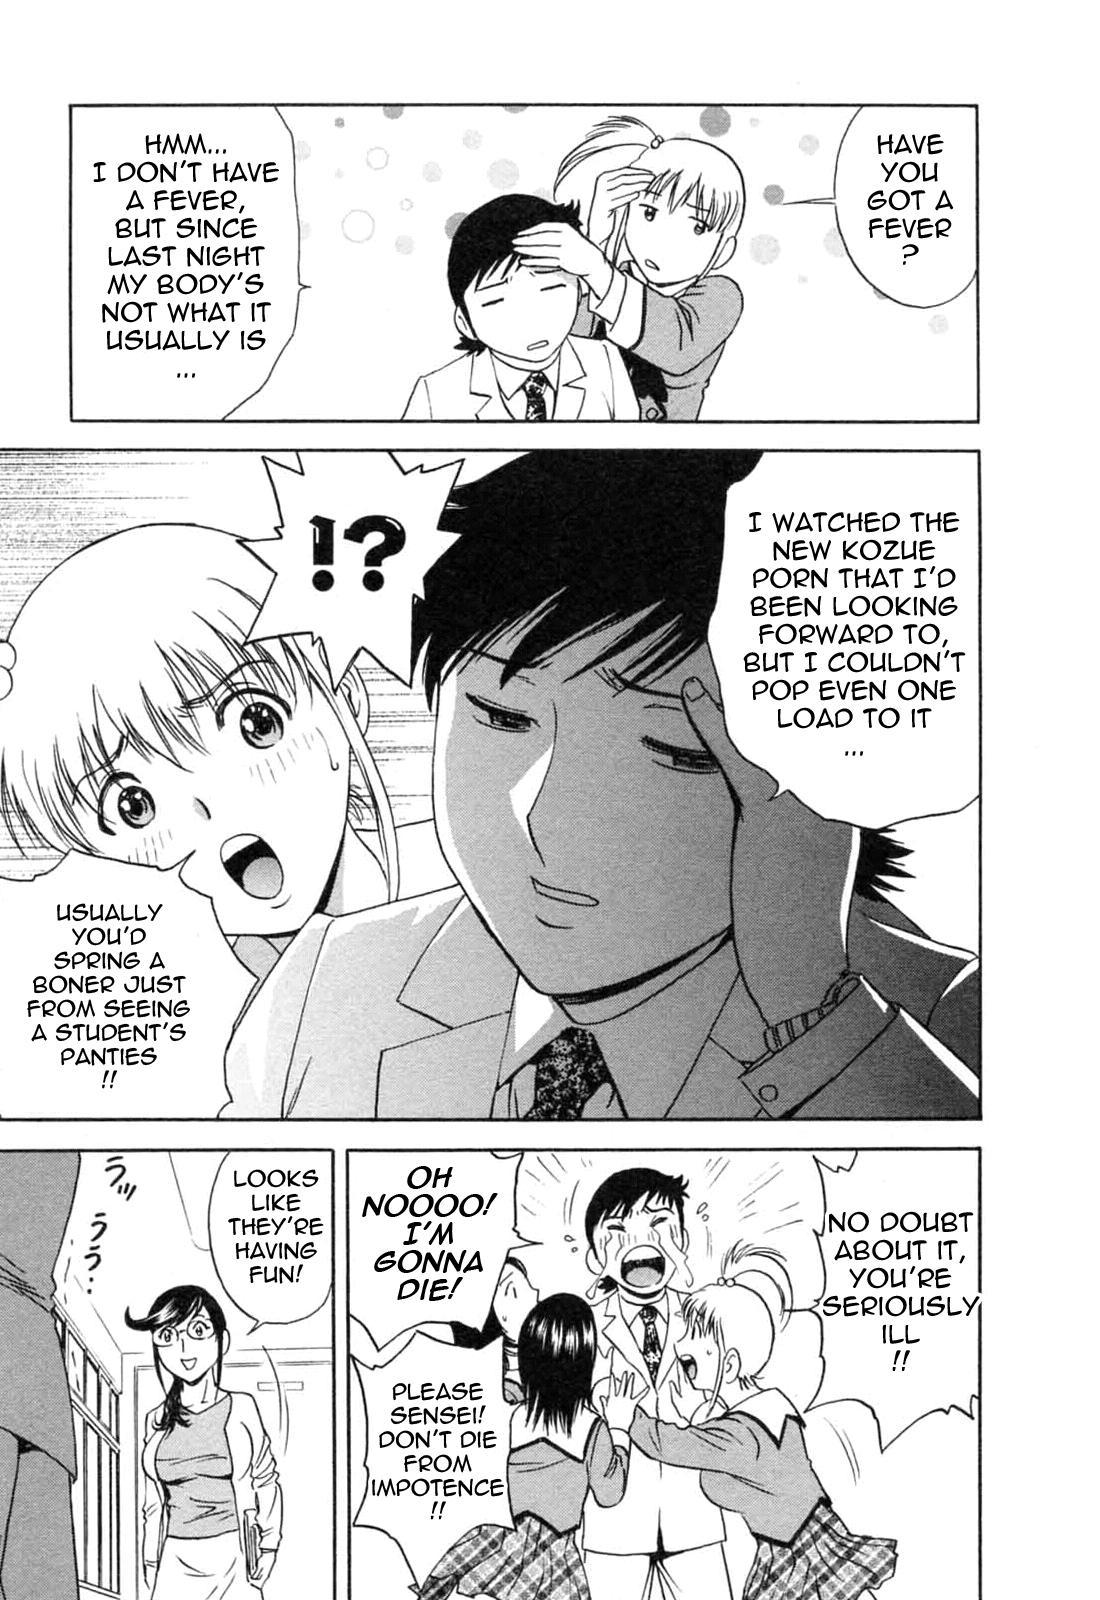 [Hidemaru] Mo-Retsu! Boin Sensei (Boing Boing Teacher) Vol.5 [English] [4dawgz] [Tadanohito] 54